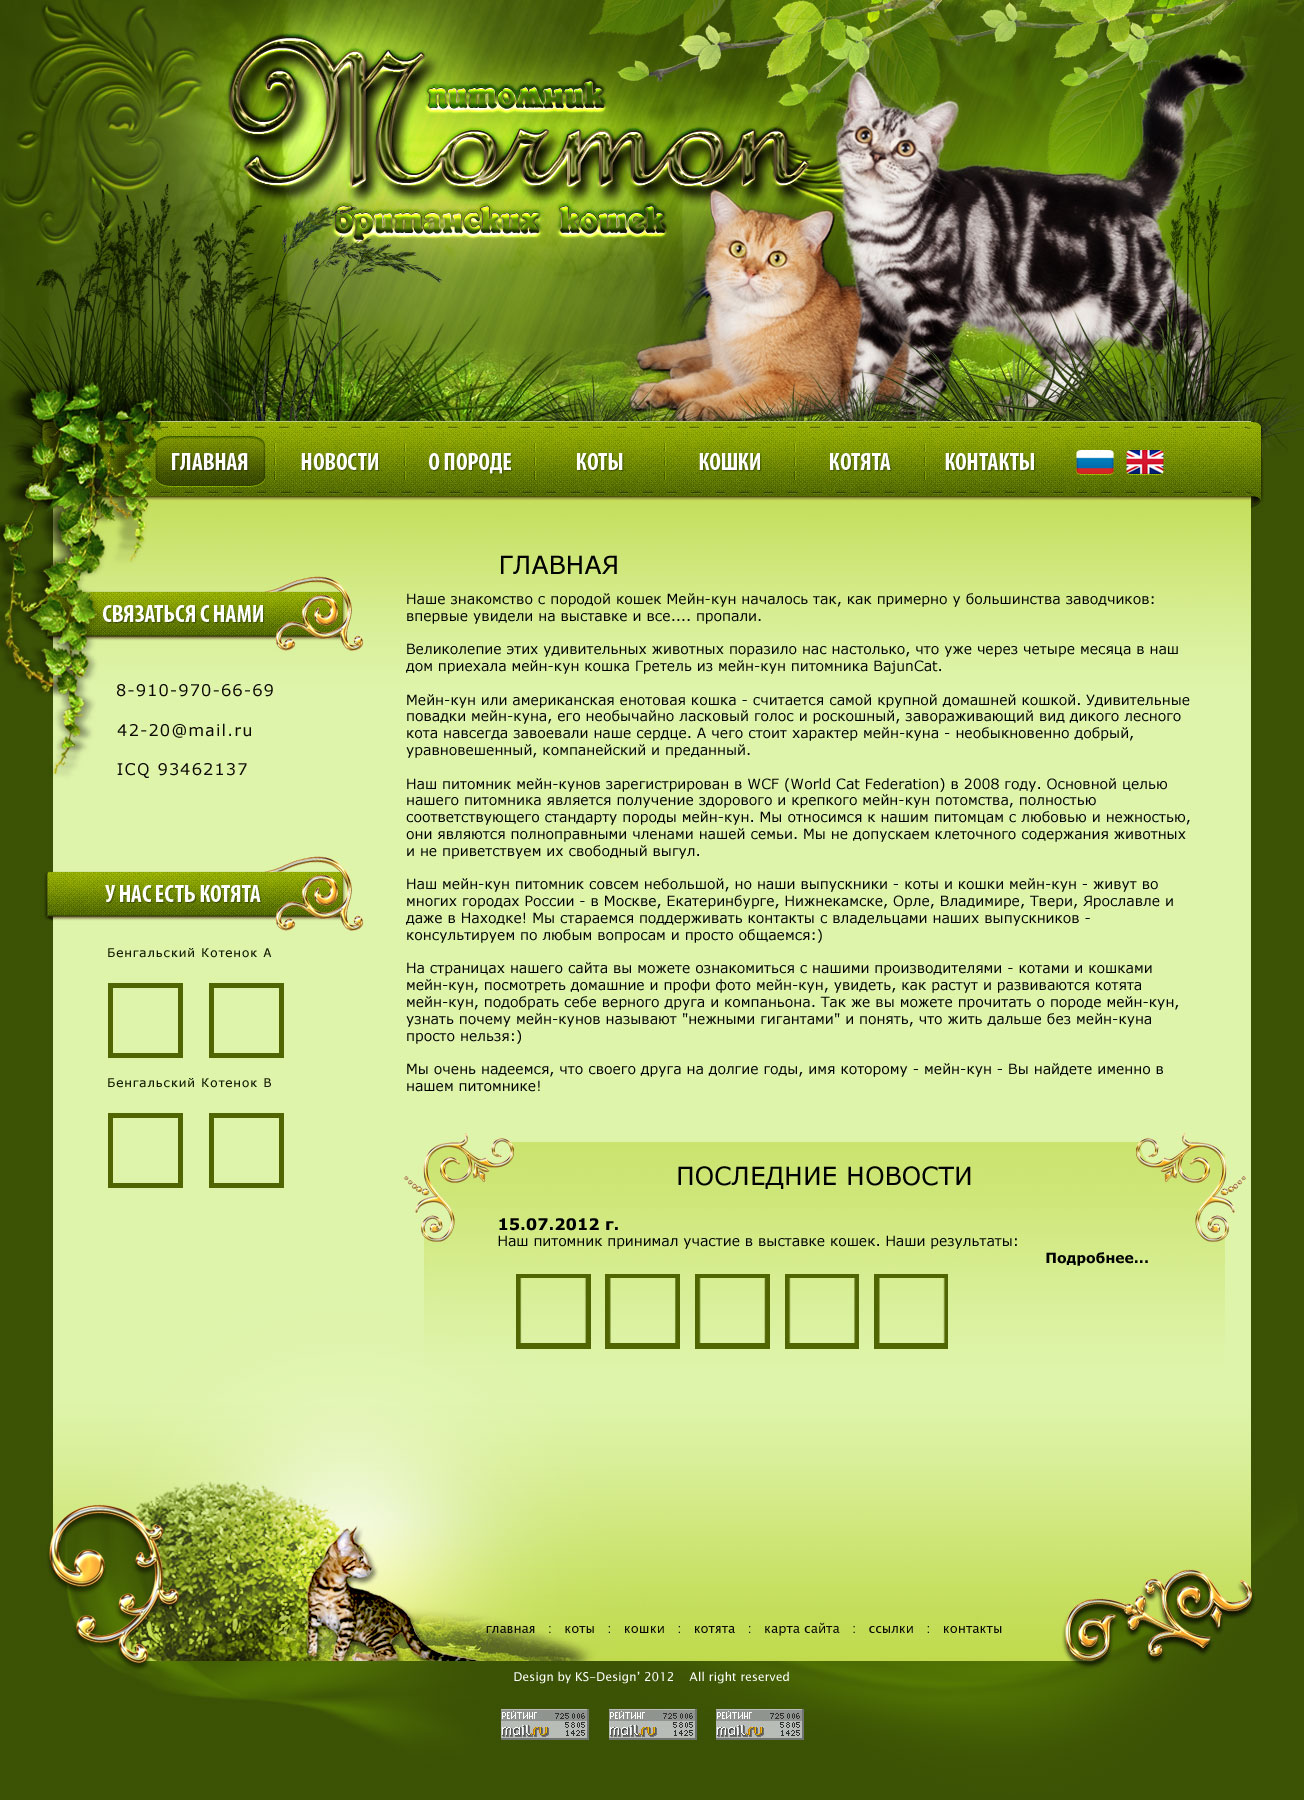 дизайн сайта питомника британских кошек